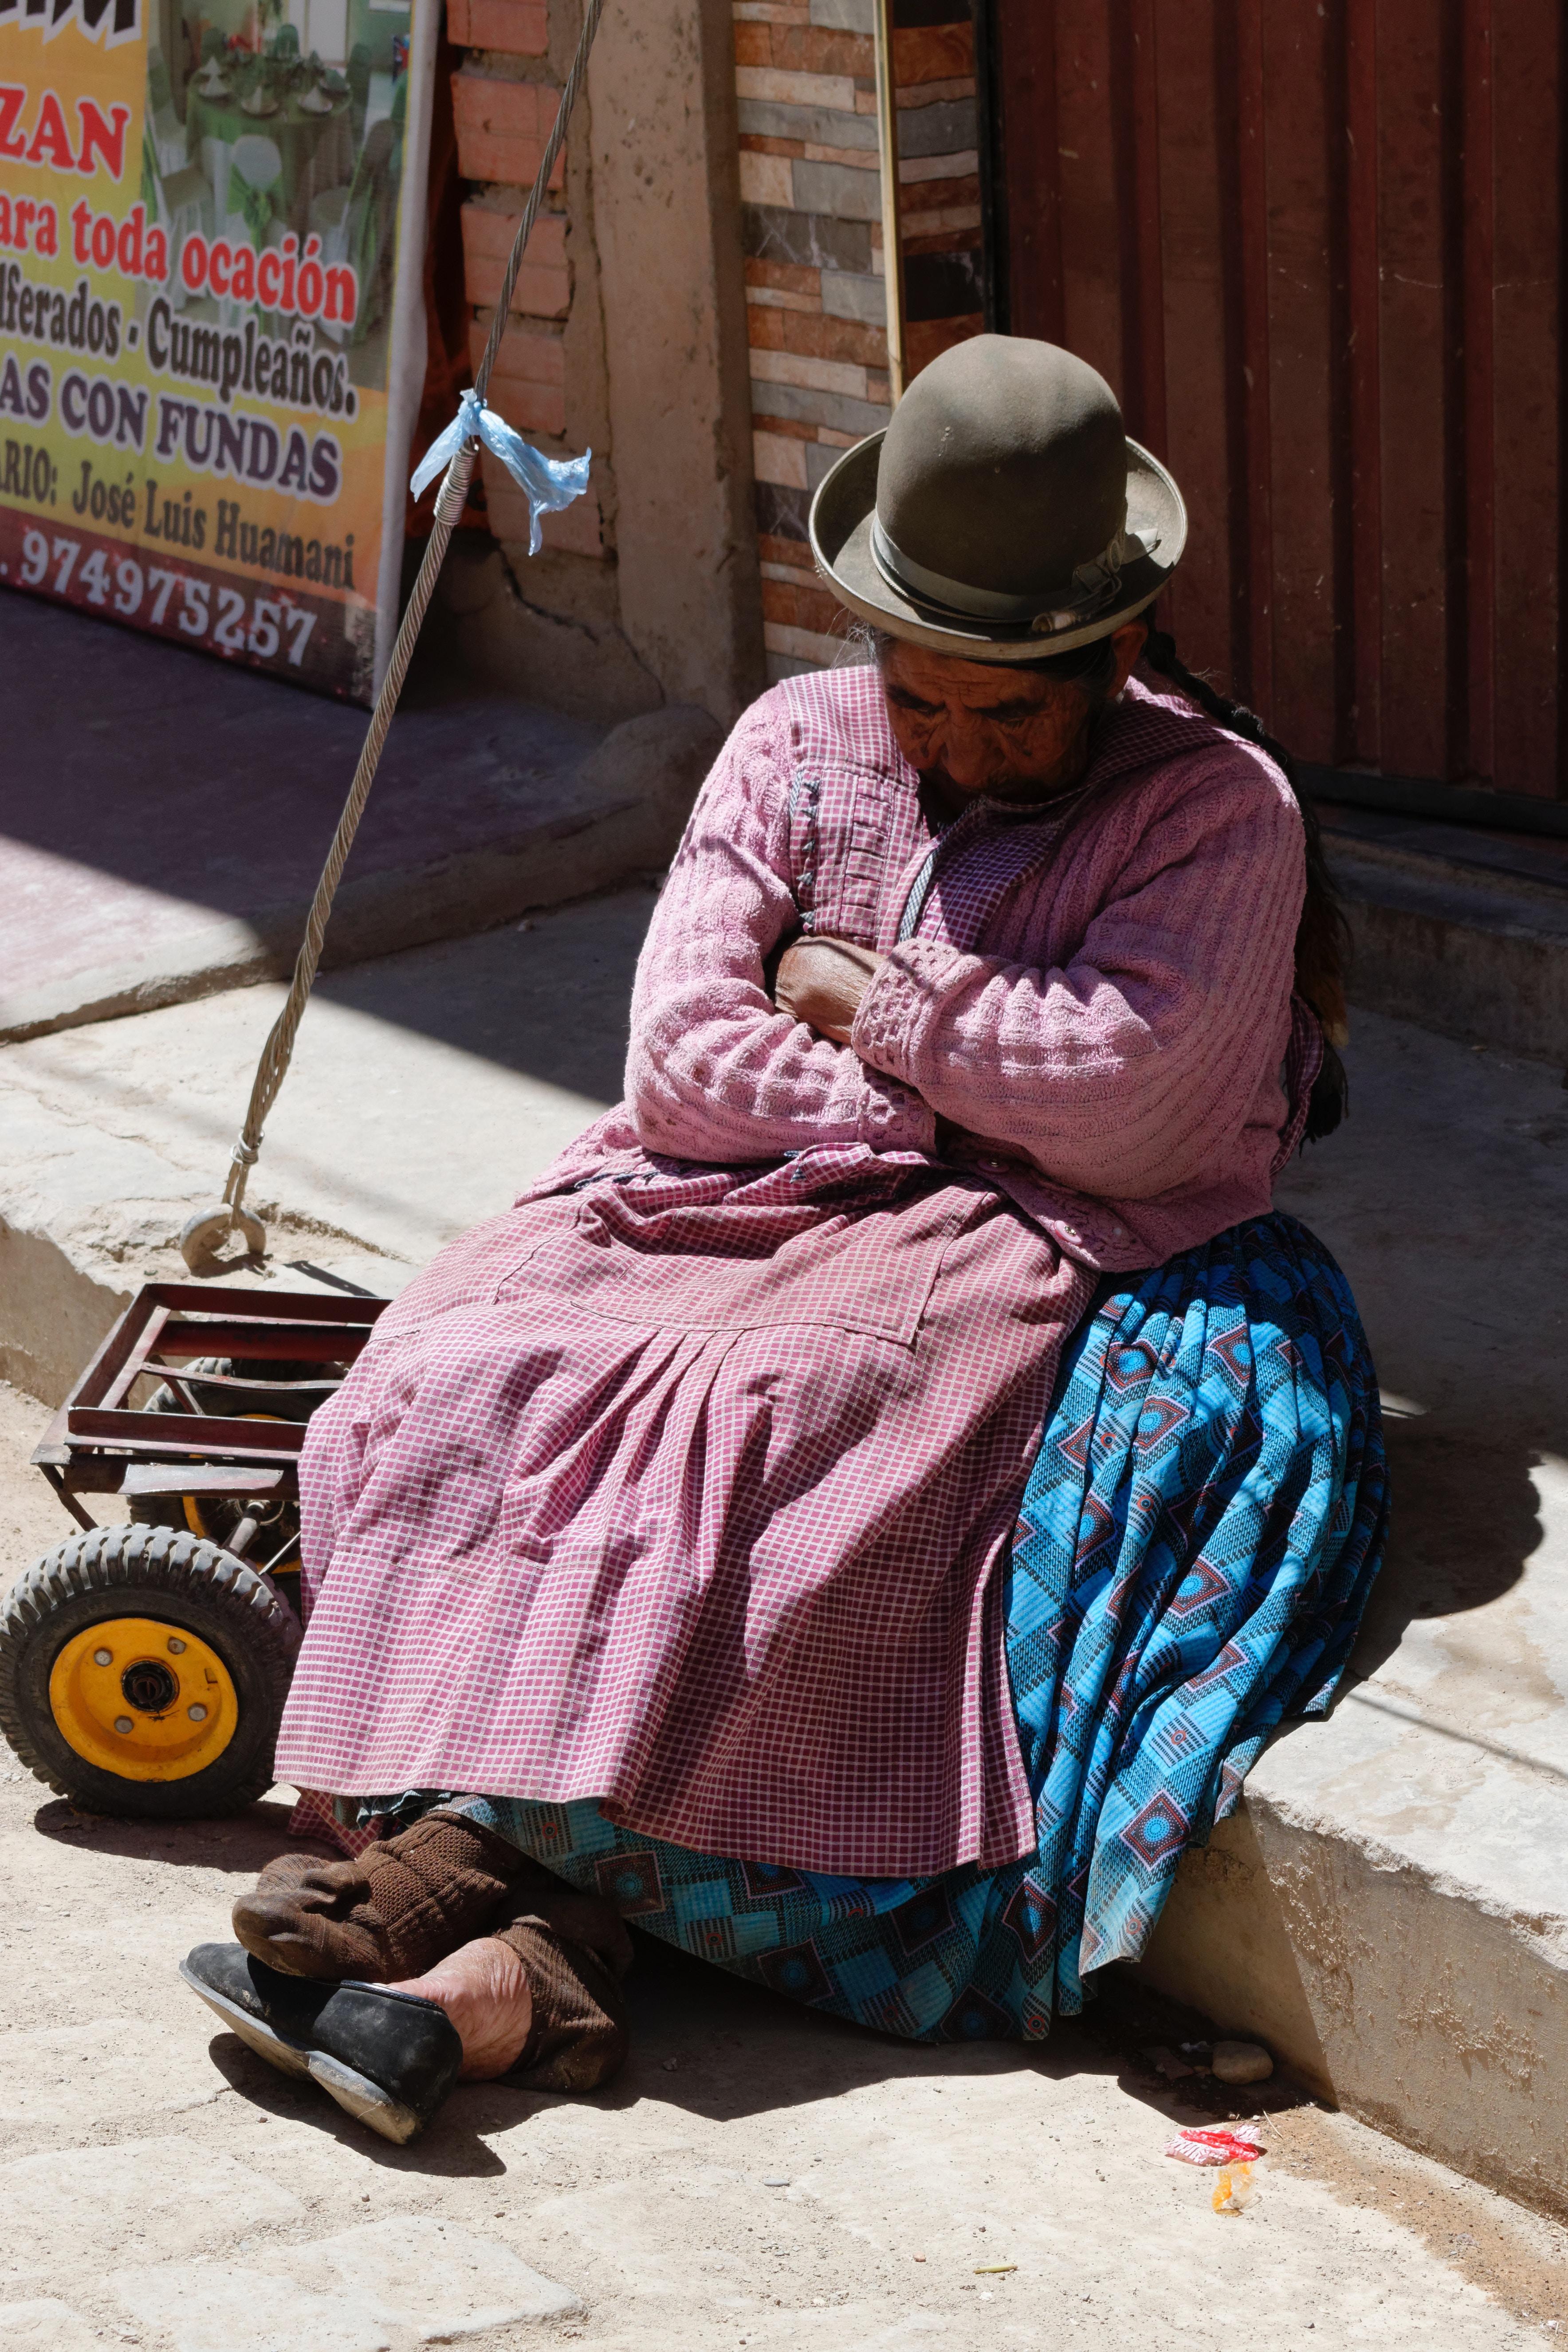 Imagen de la noticia Promoción del derecho humano al agua potable, con mejora de la resiliencia de los recursos hídricos ante el cambio climático, en el territorio indígena originario campesino de Raqaypampa, Cochabamba, Bolivia